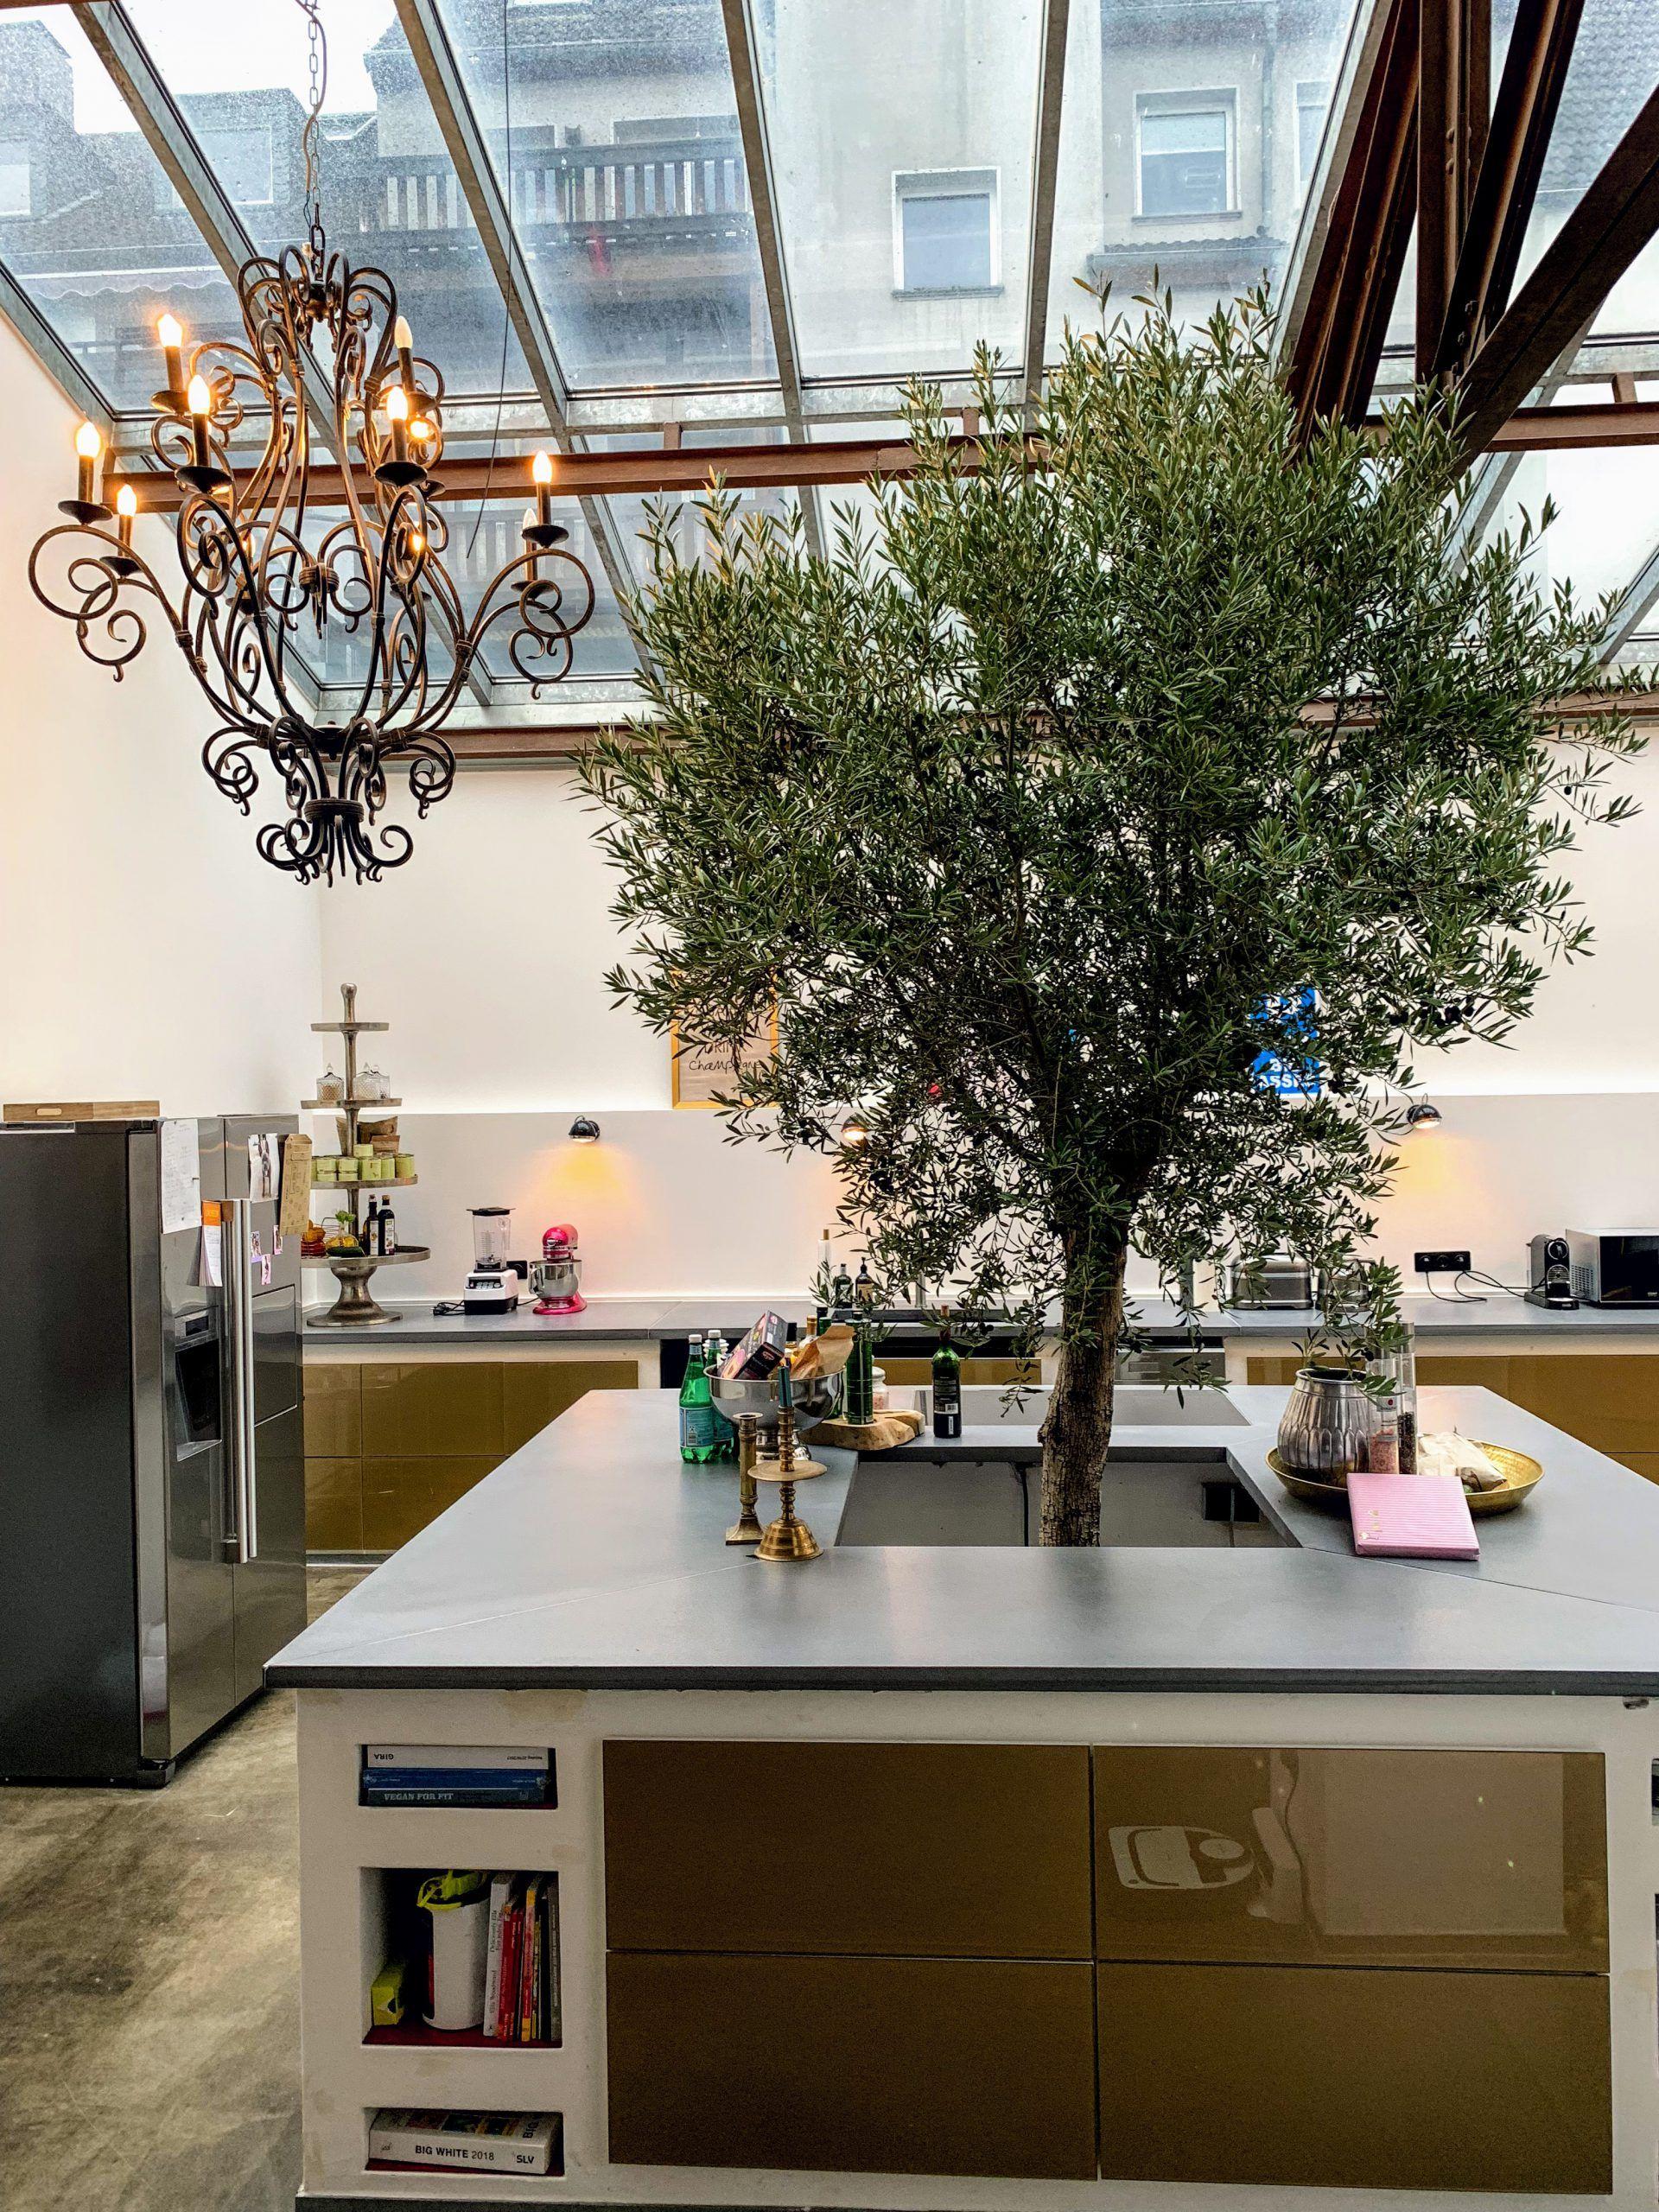 Kuche Modern Designt Mit Kochinsel Arbeitsplatte Moderne Kuche Kuche Mit Insel